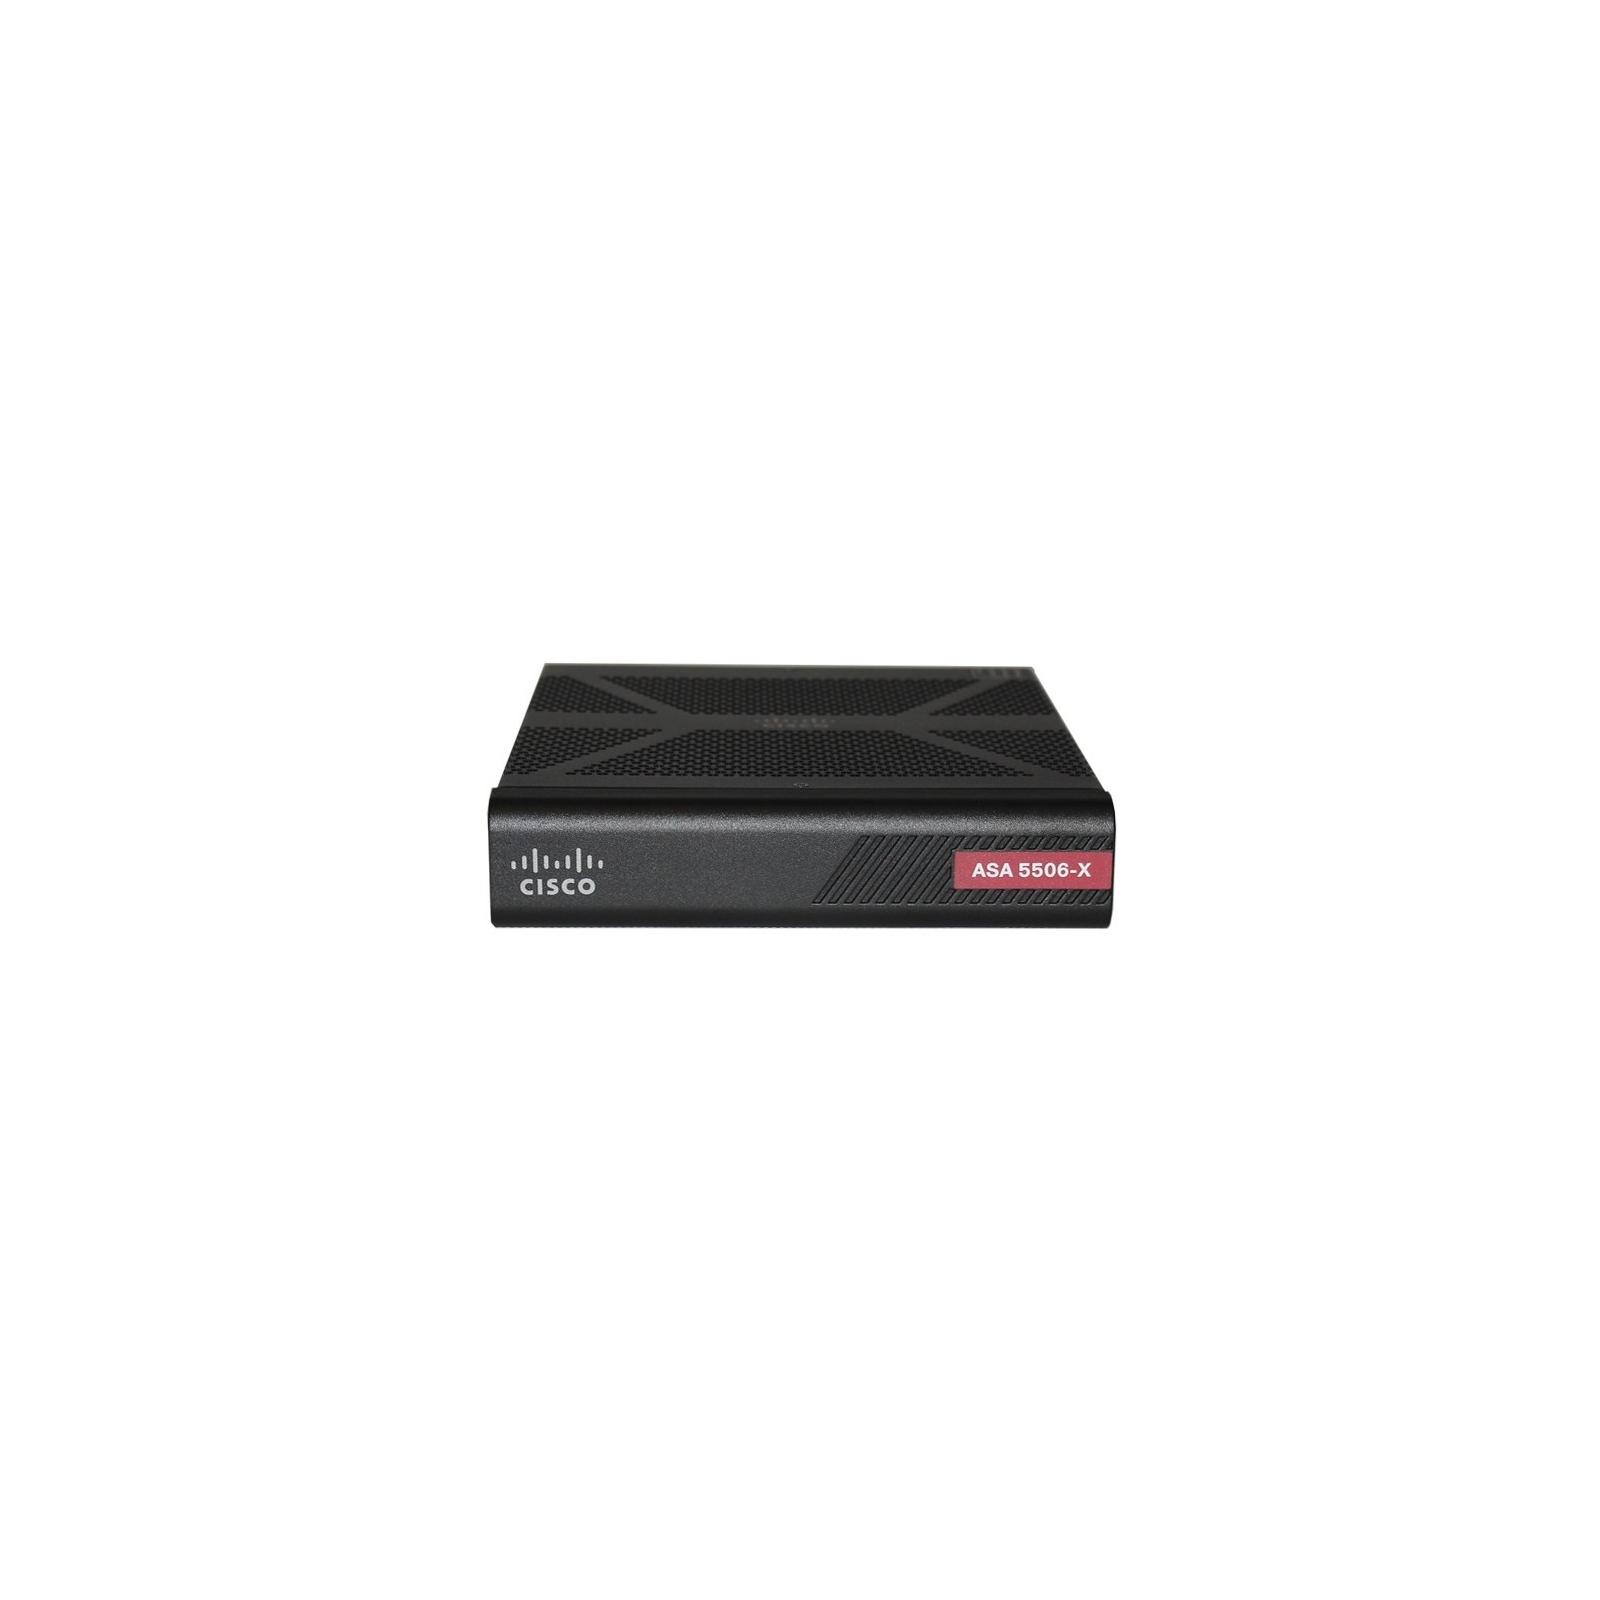 Файрвол Cisco ASA5506-K9 изображение 2